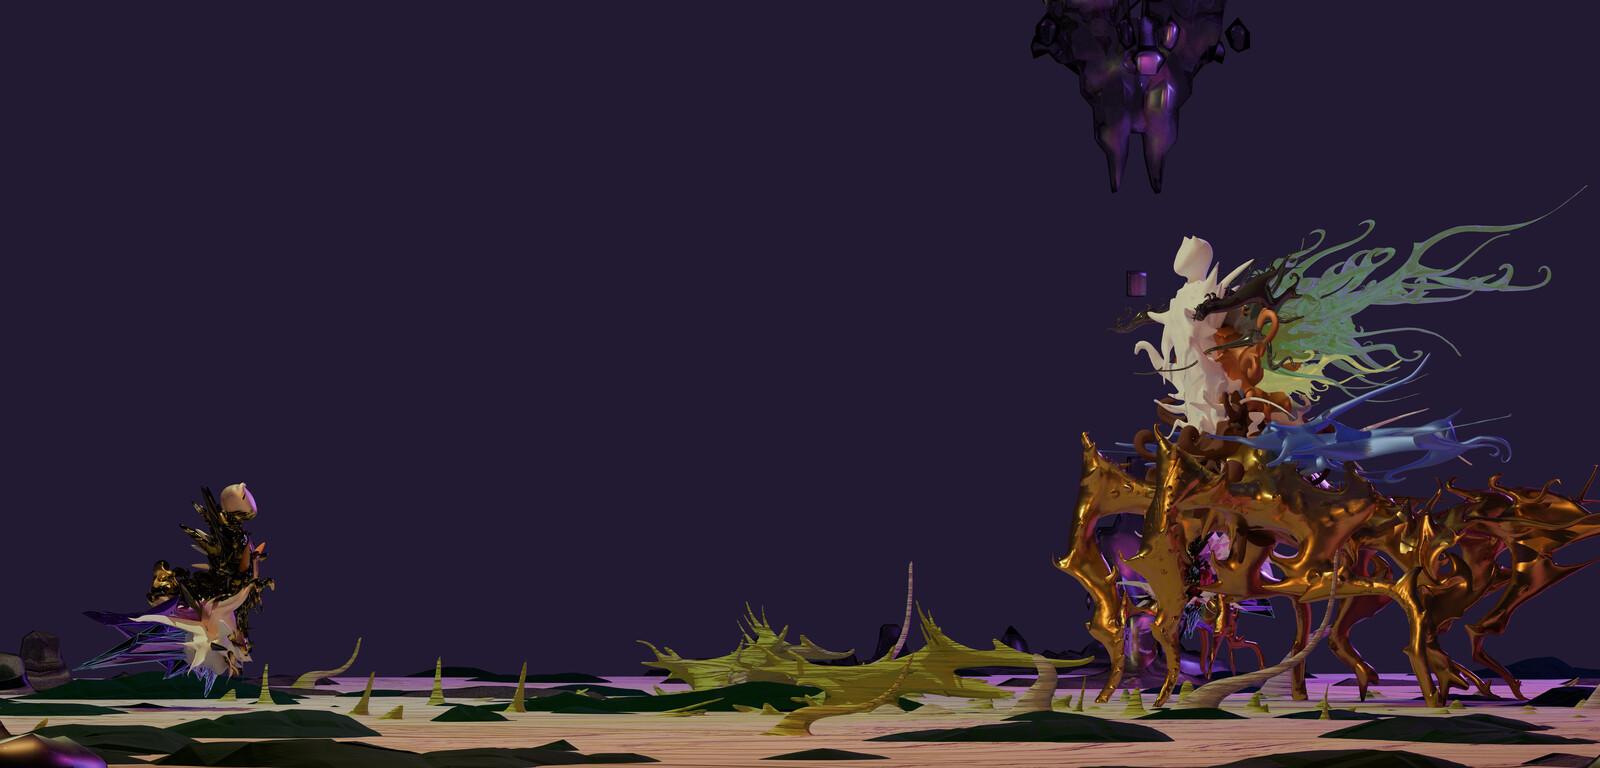 Fracta Celestial Animation